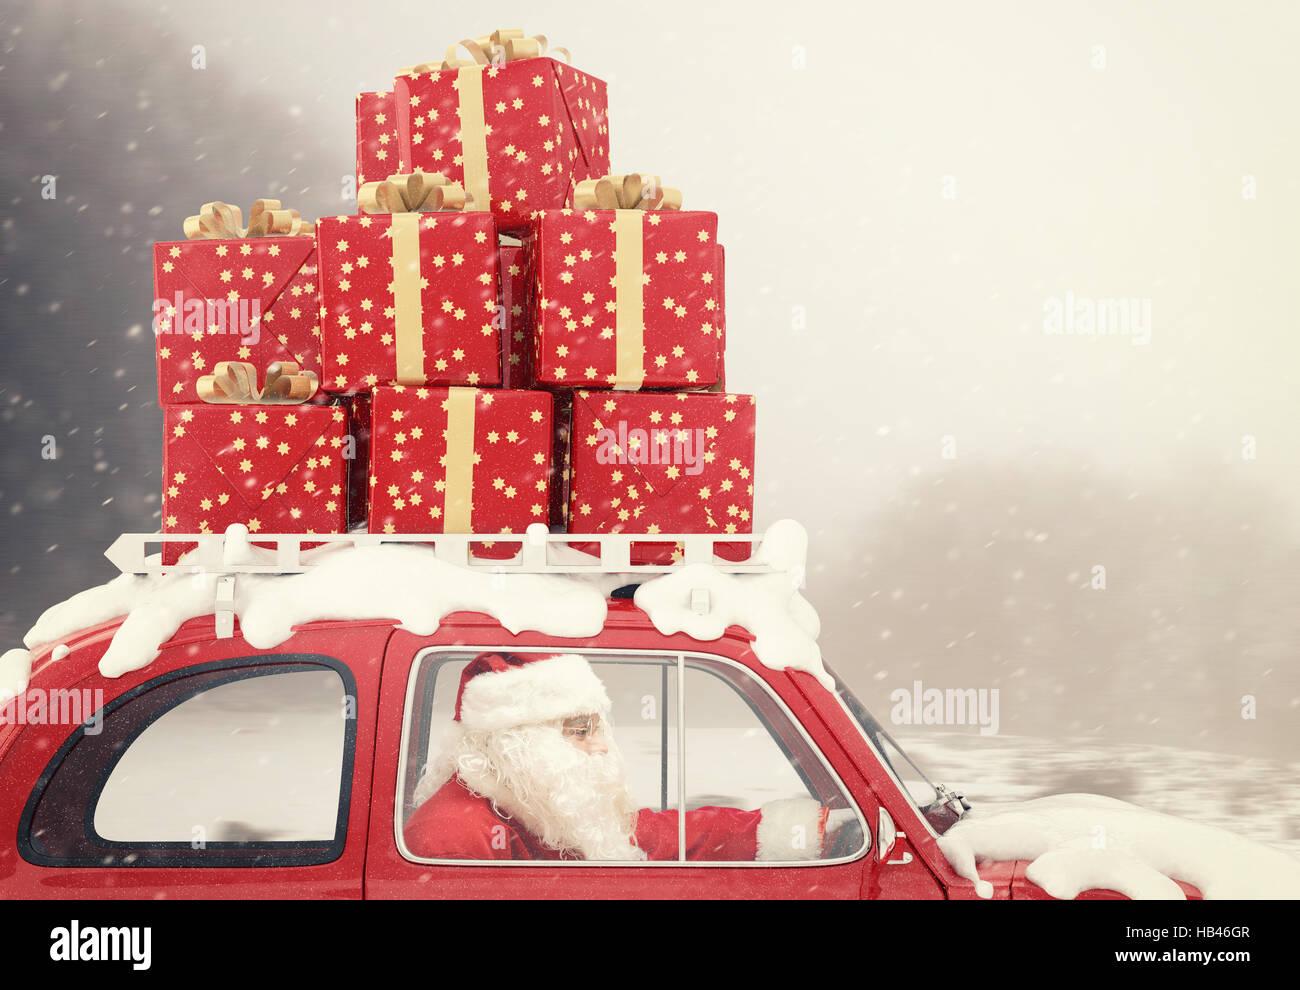 Weihnachtsmann Auf Ein Rotes Auto Voller Weihnachtsgeschenk